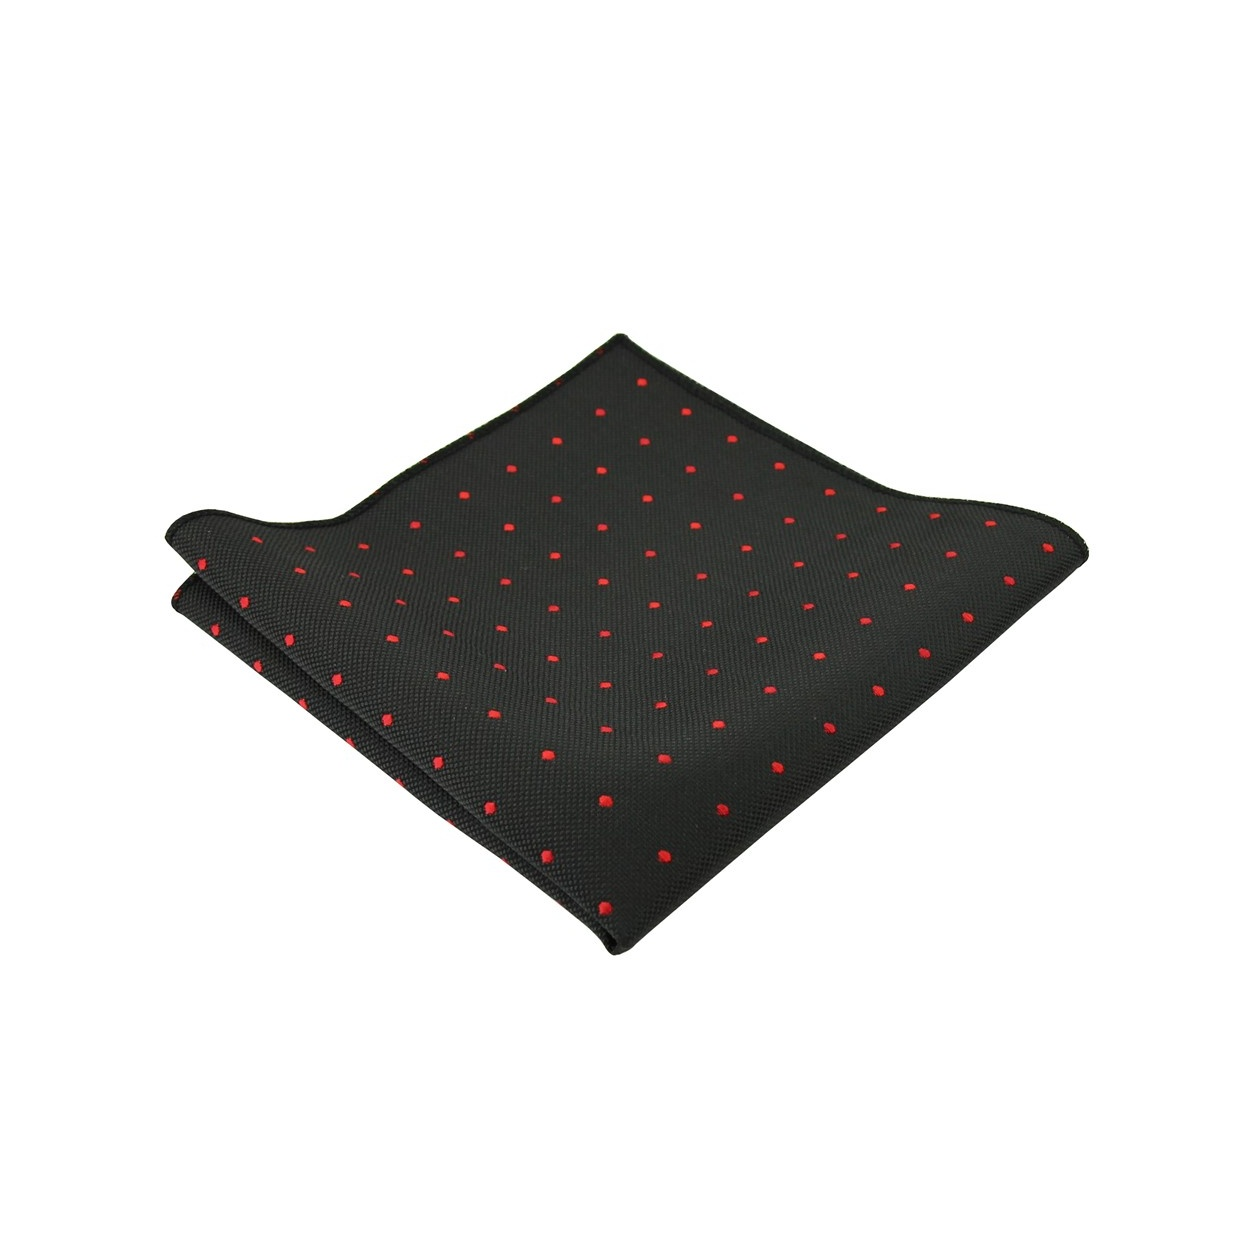 Černý pánský kapesníček do saka s červenými puntíky